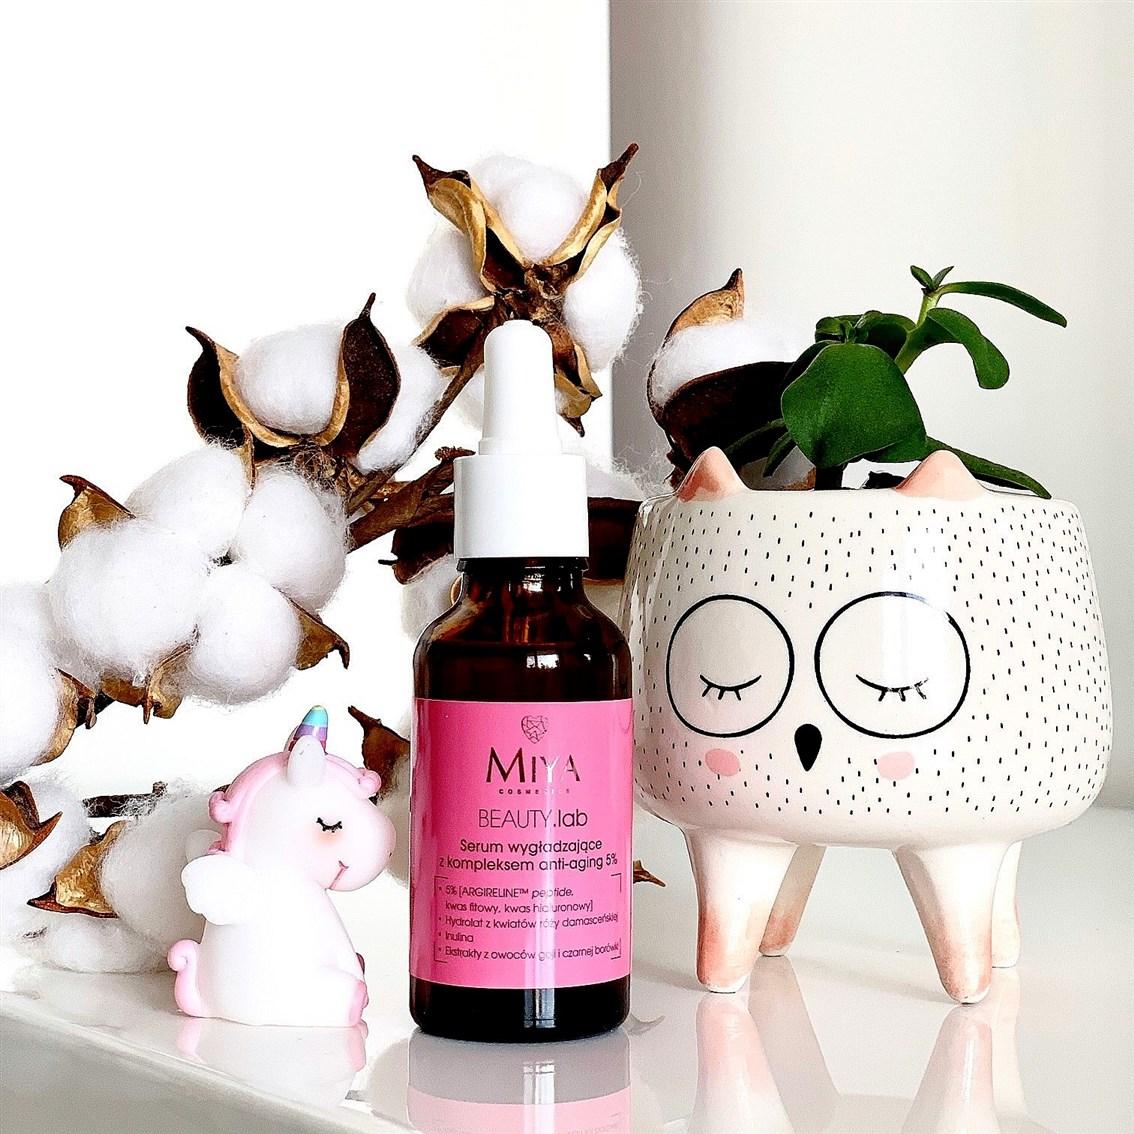 Miya Beauty Lab serum wygładzające